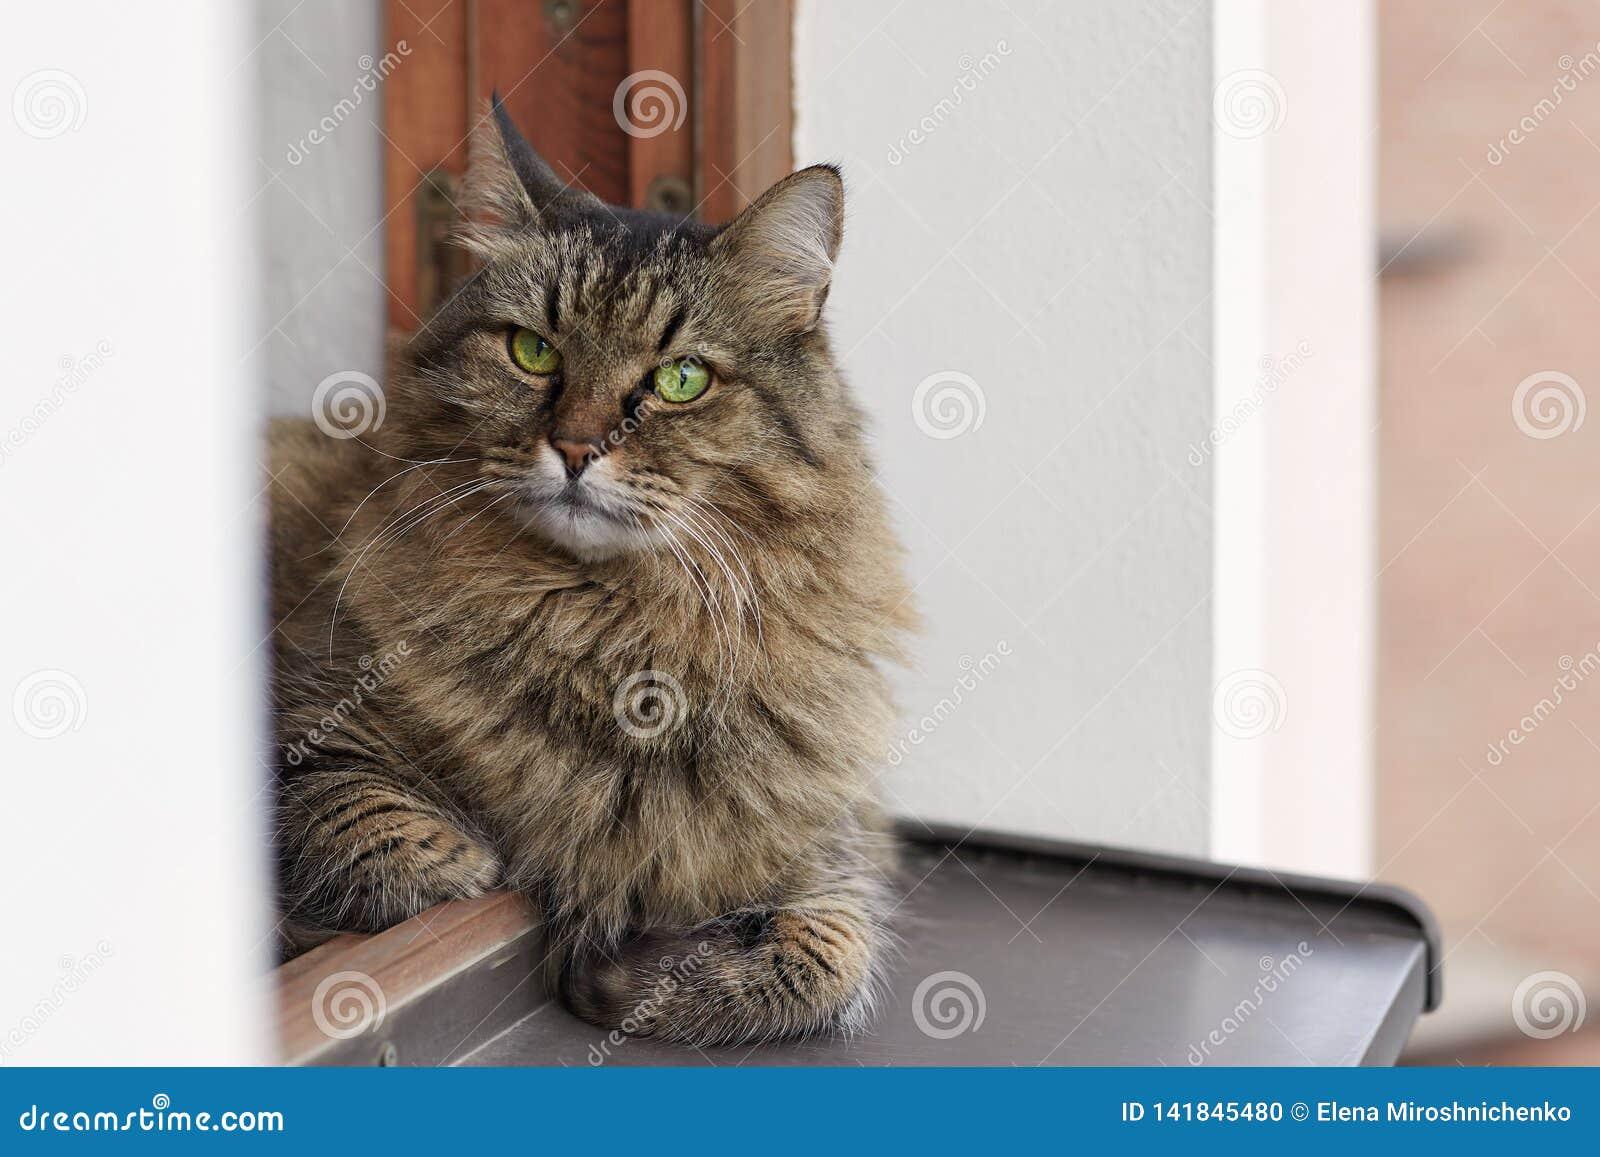 Μακρυμάλλης σιβηρική γάτα των tebby lais χρώματος στο παράθυρο έξω από το παράθυρο, ανώτερο πάτωμα του σπιτιού, μεγάλος, γούνινος